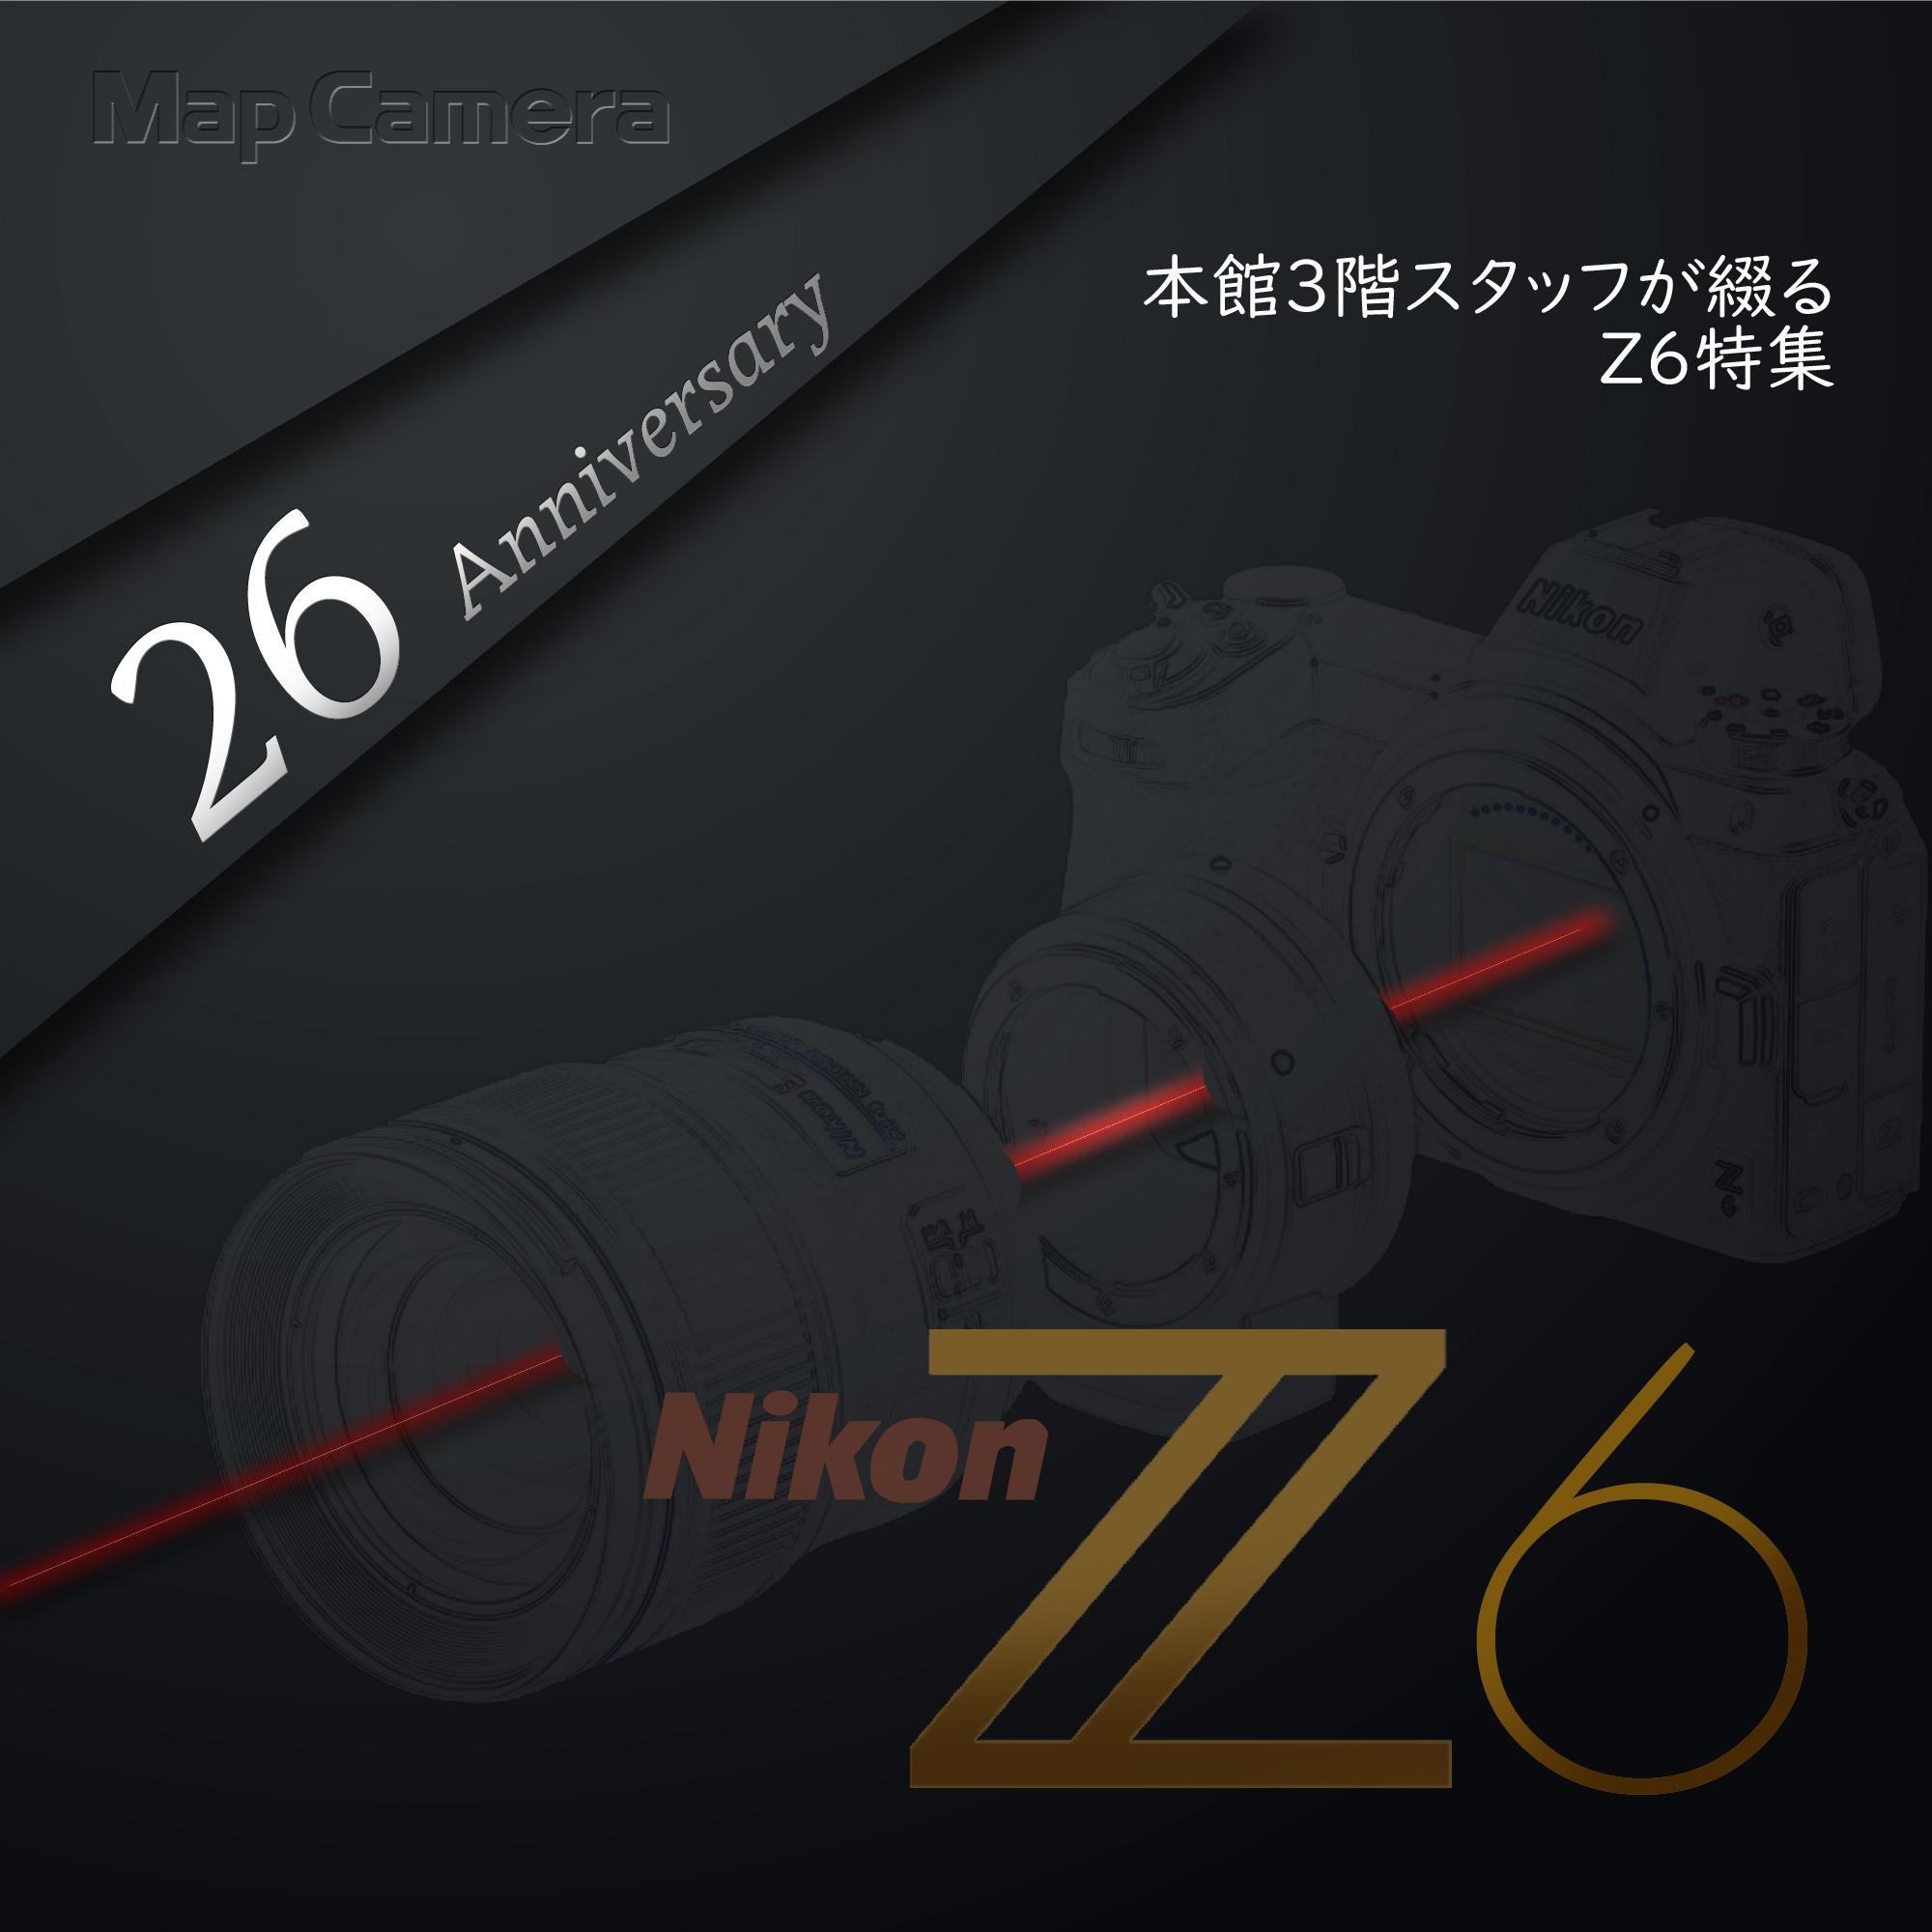 【Nikon】Map Camera 26周年 × Nikon Z6 × NIKKOR Z 35mmF1.8S × NIKKOR Z 24-70mm F2.8S